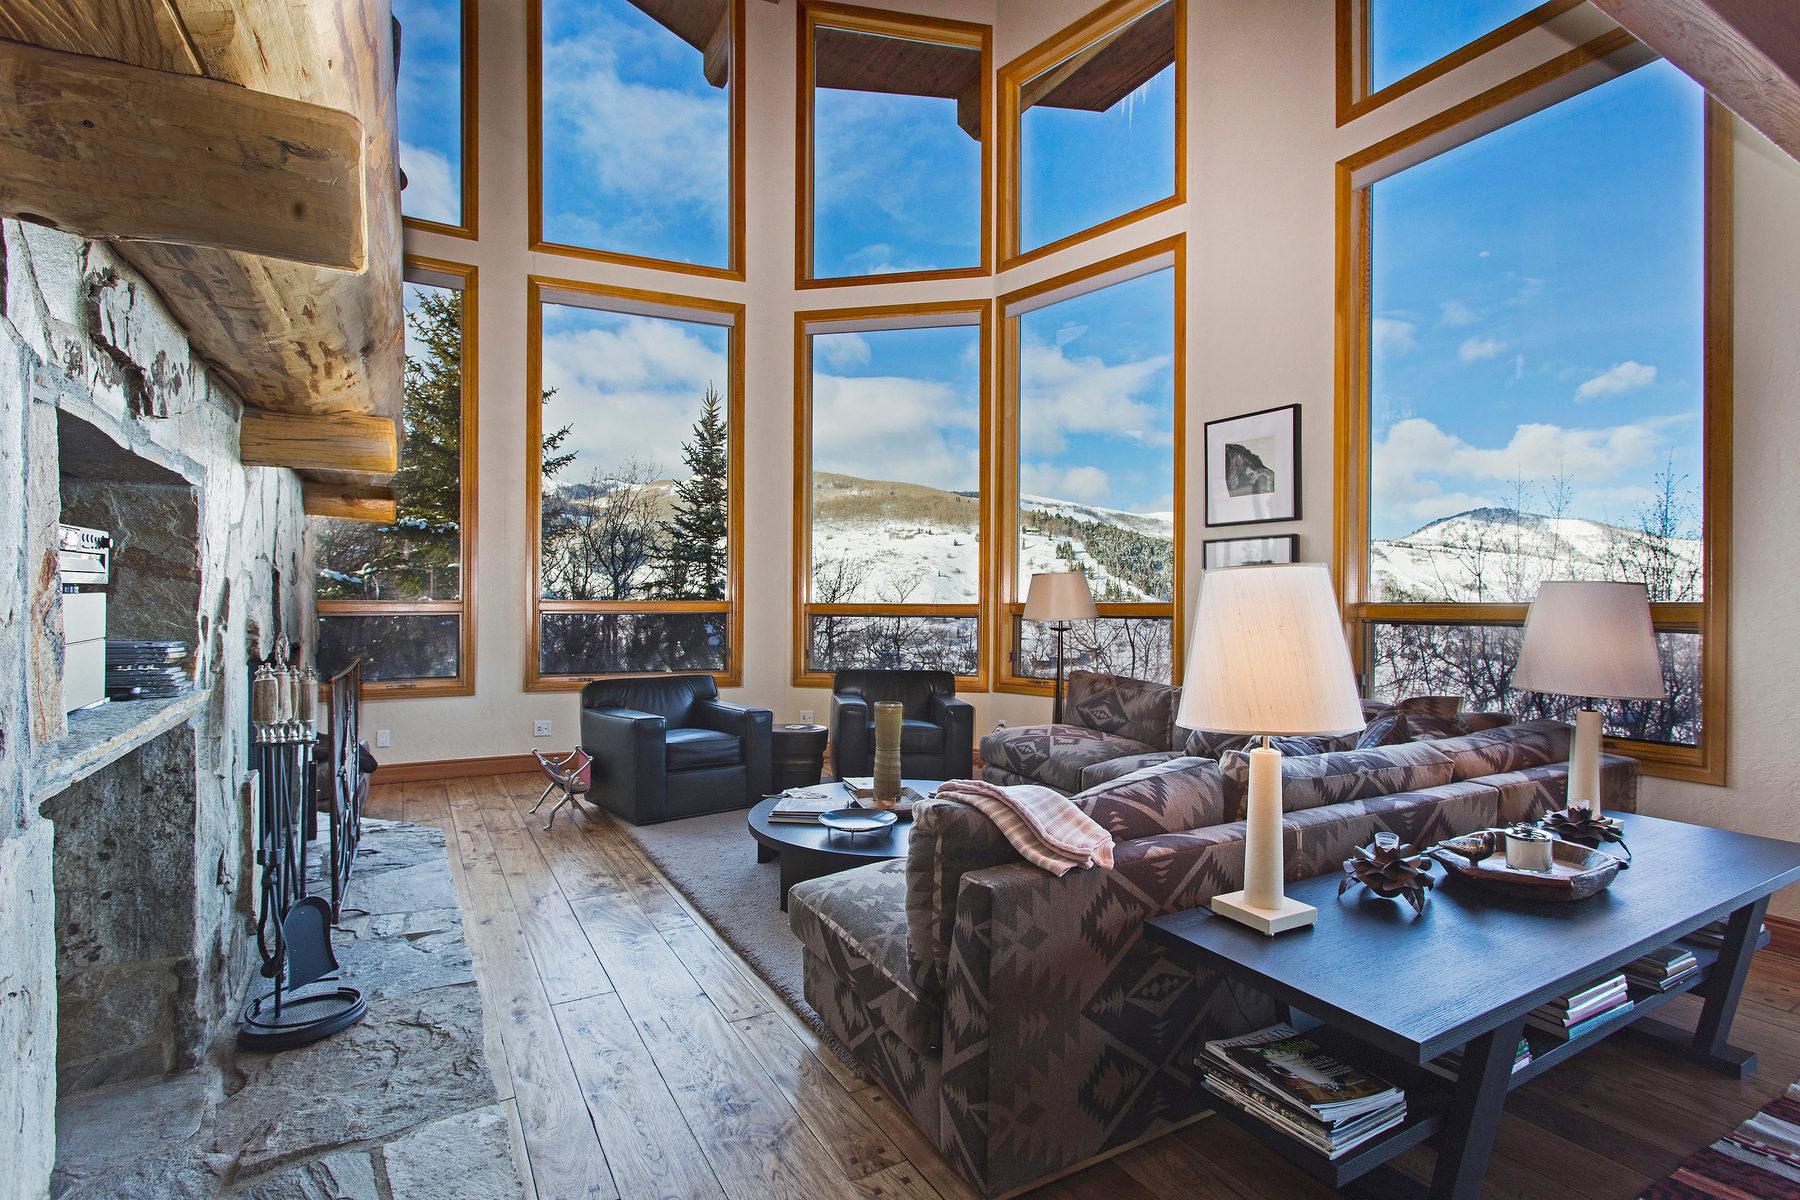 Частный односемейный дом для того Продажа на Awe-Inspiring Town and Mountain Views 218 Golden Eagle Dr Park City, Юта, 84060 Соединенные Штаты